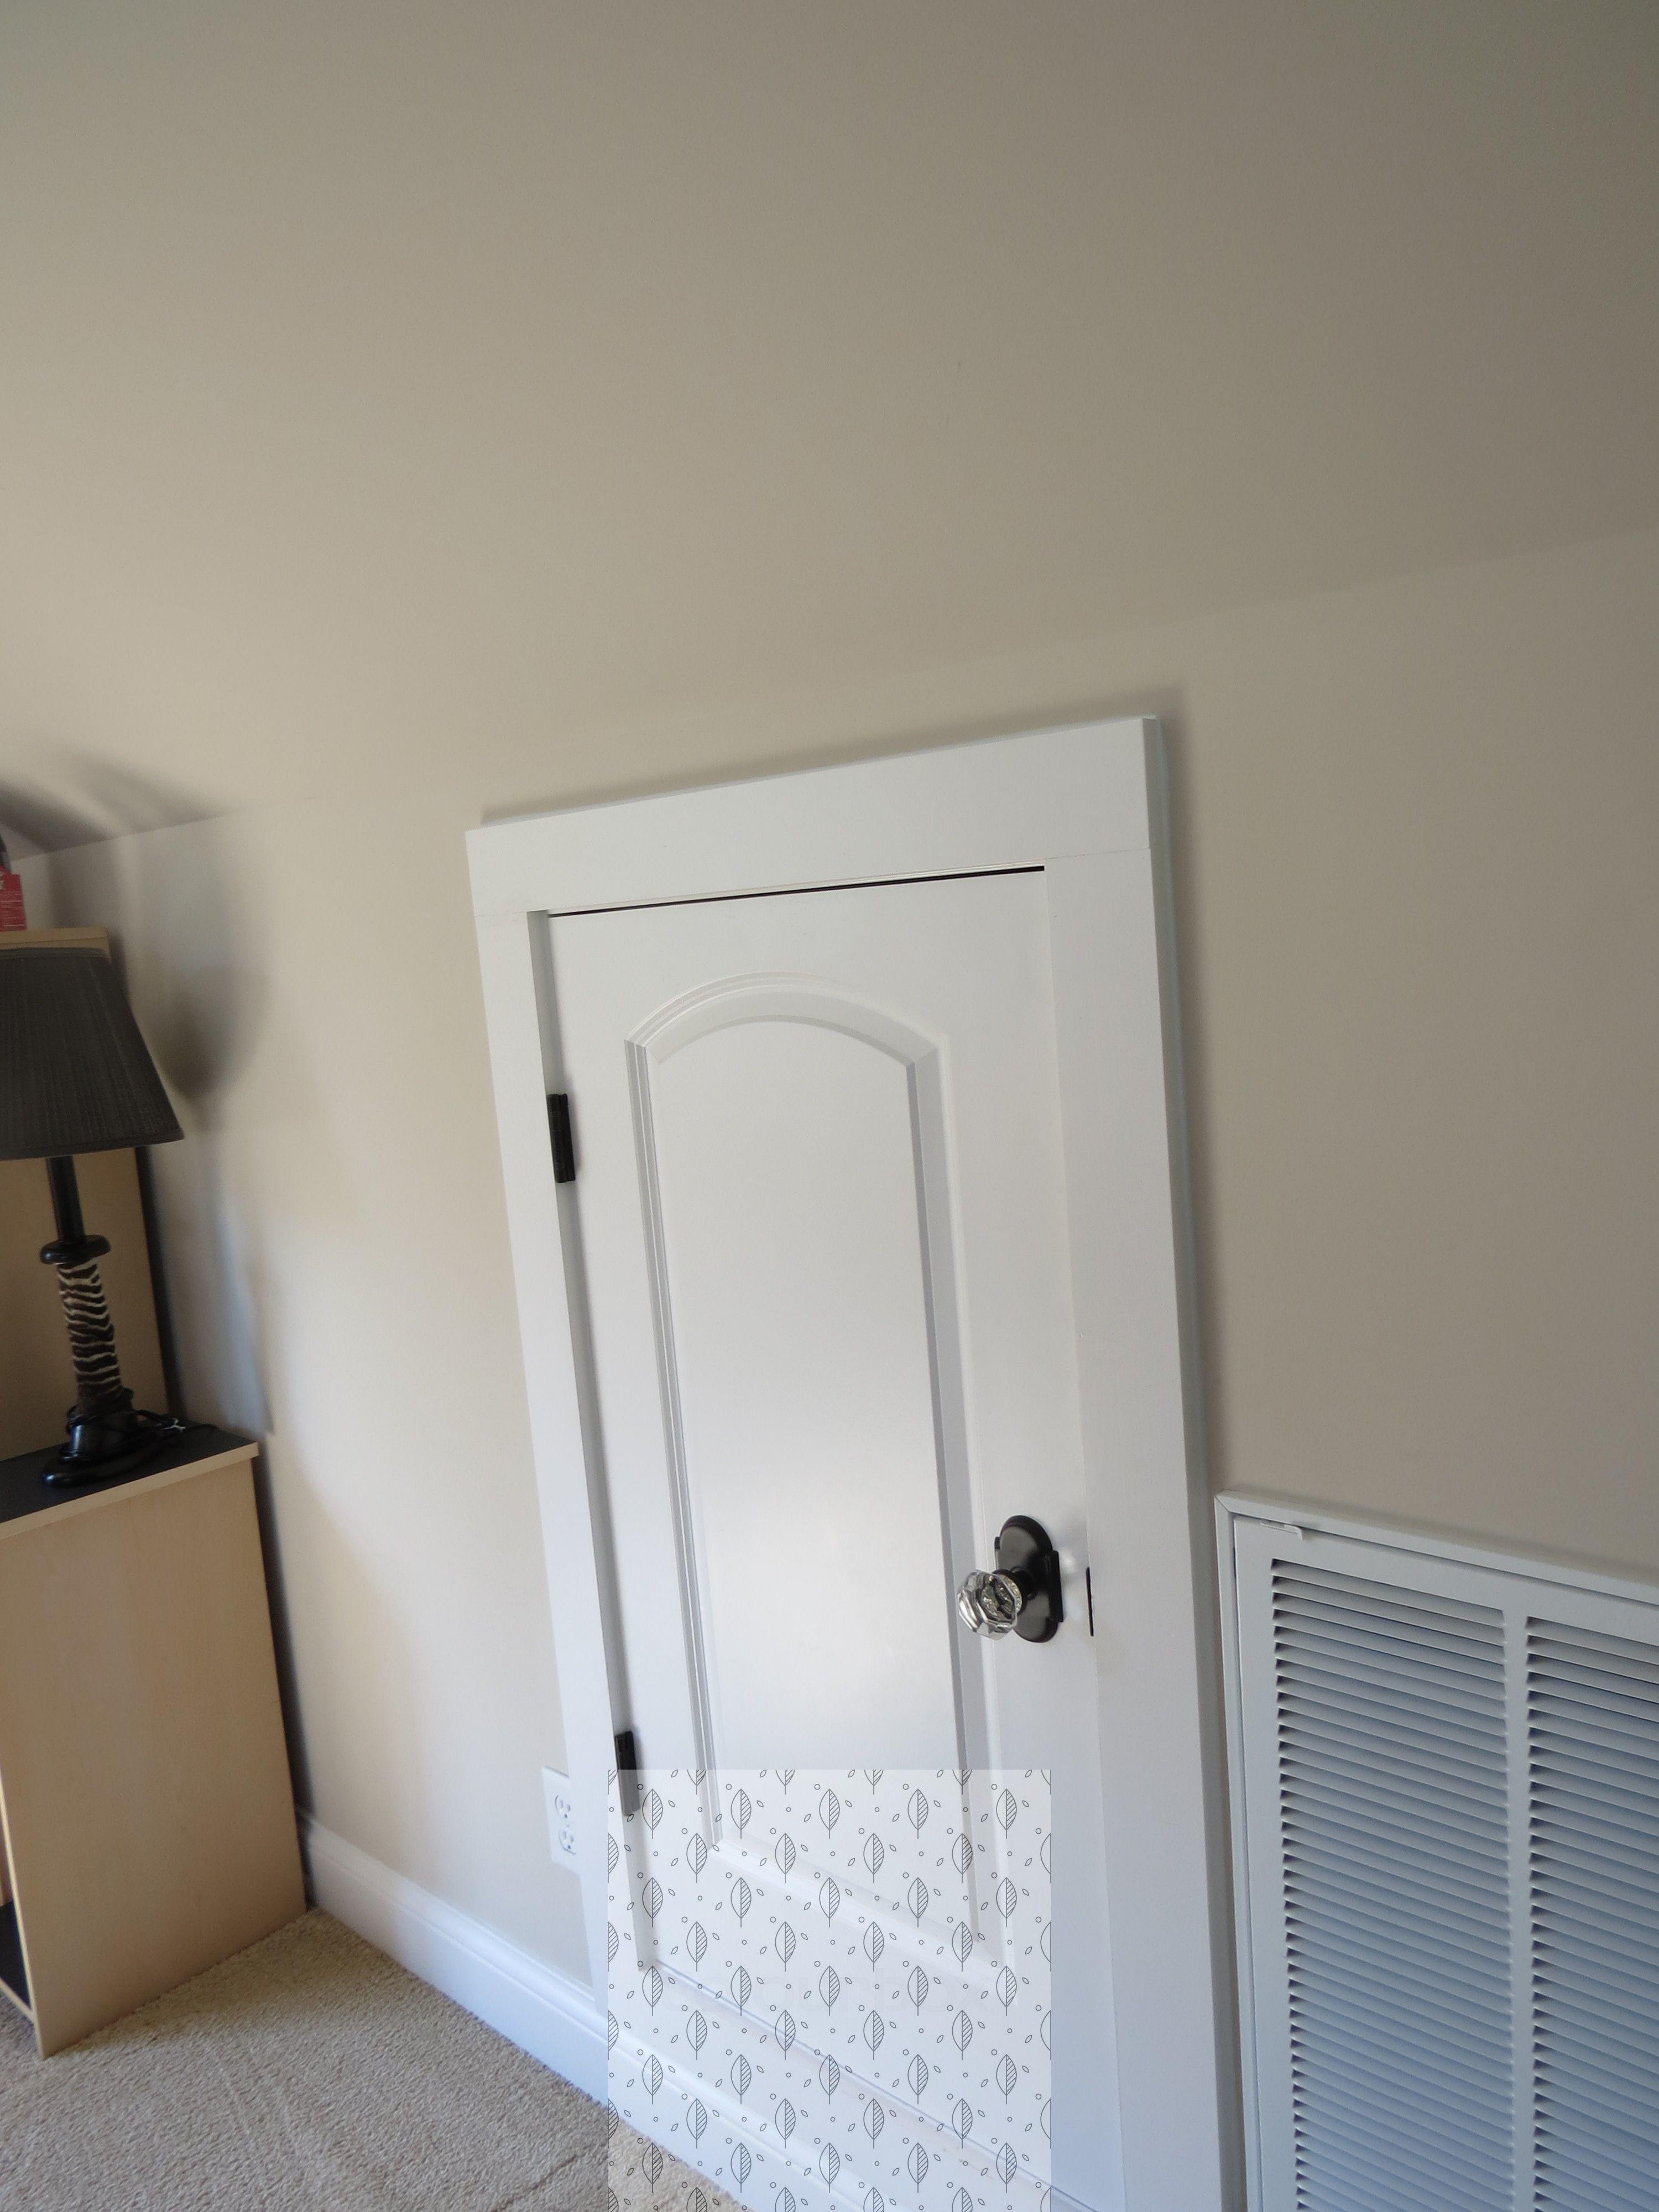 12 Uplifting Attic Rooms Teenager Ideas With Images Attic Access Door Attic Doors Attic Flooring